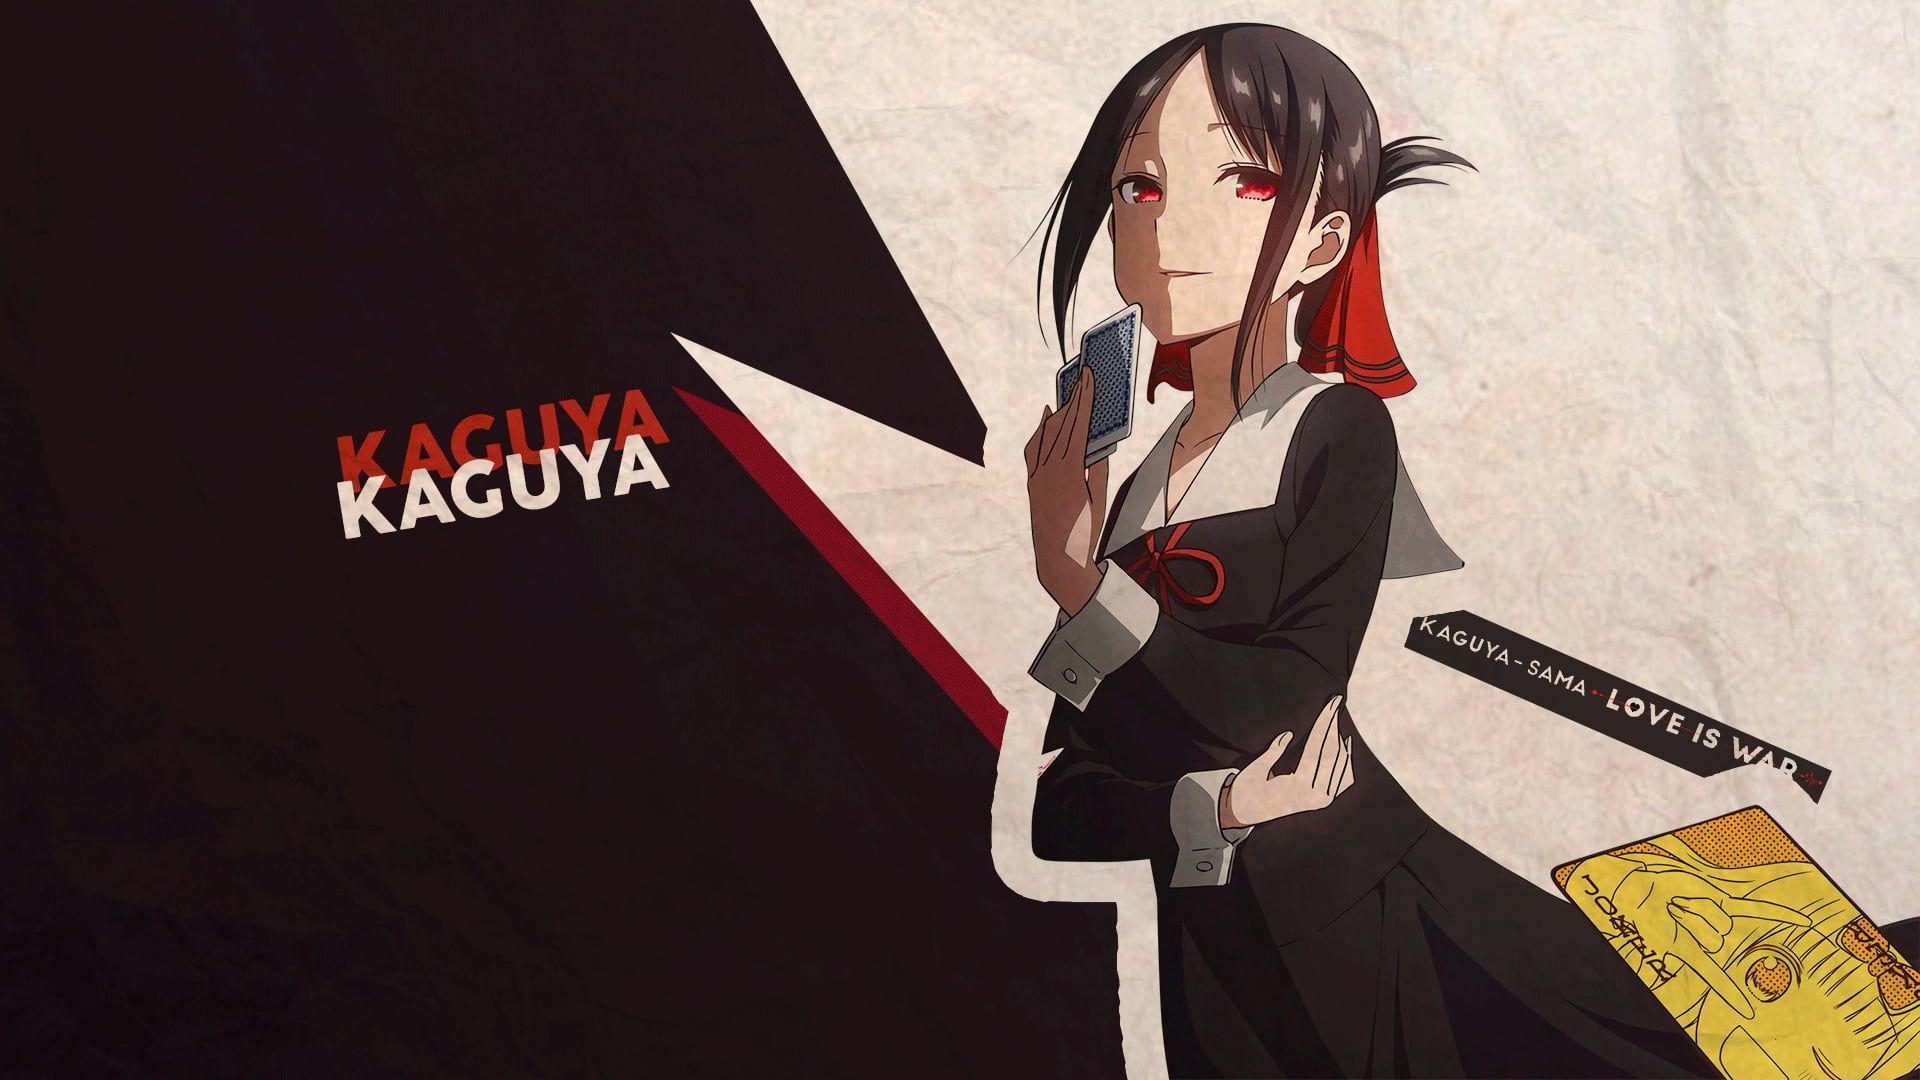 Anime kaguyasama love is war kaguya shinomiya 1080p